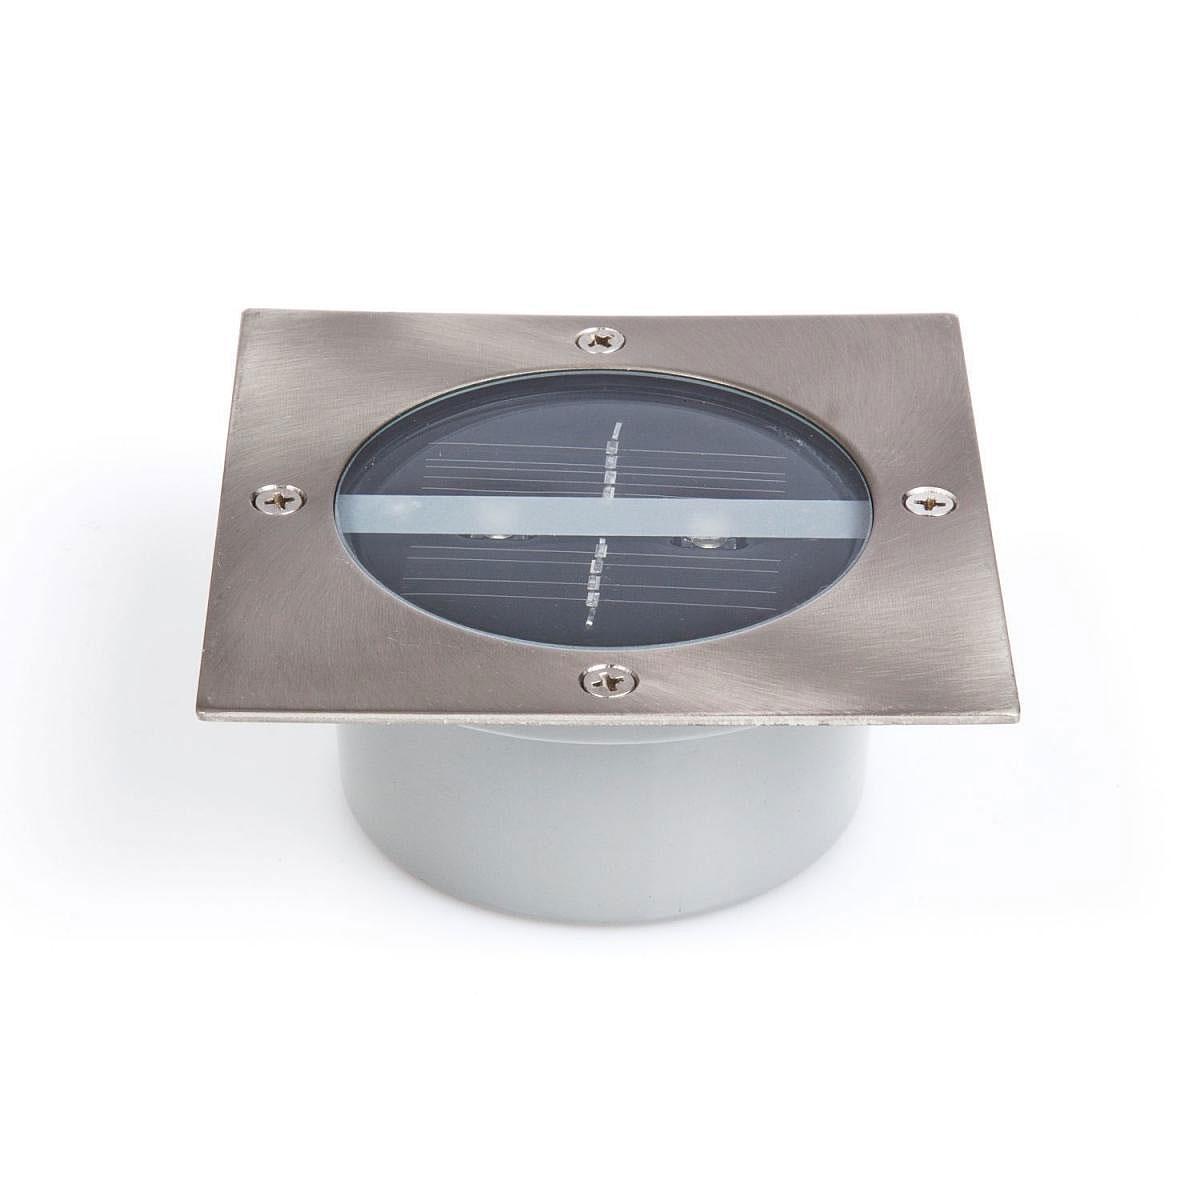 Solarleuchten - Solar LED Bodeneinbauleuchte, eckig  - Onlineshop Hellweg